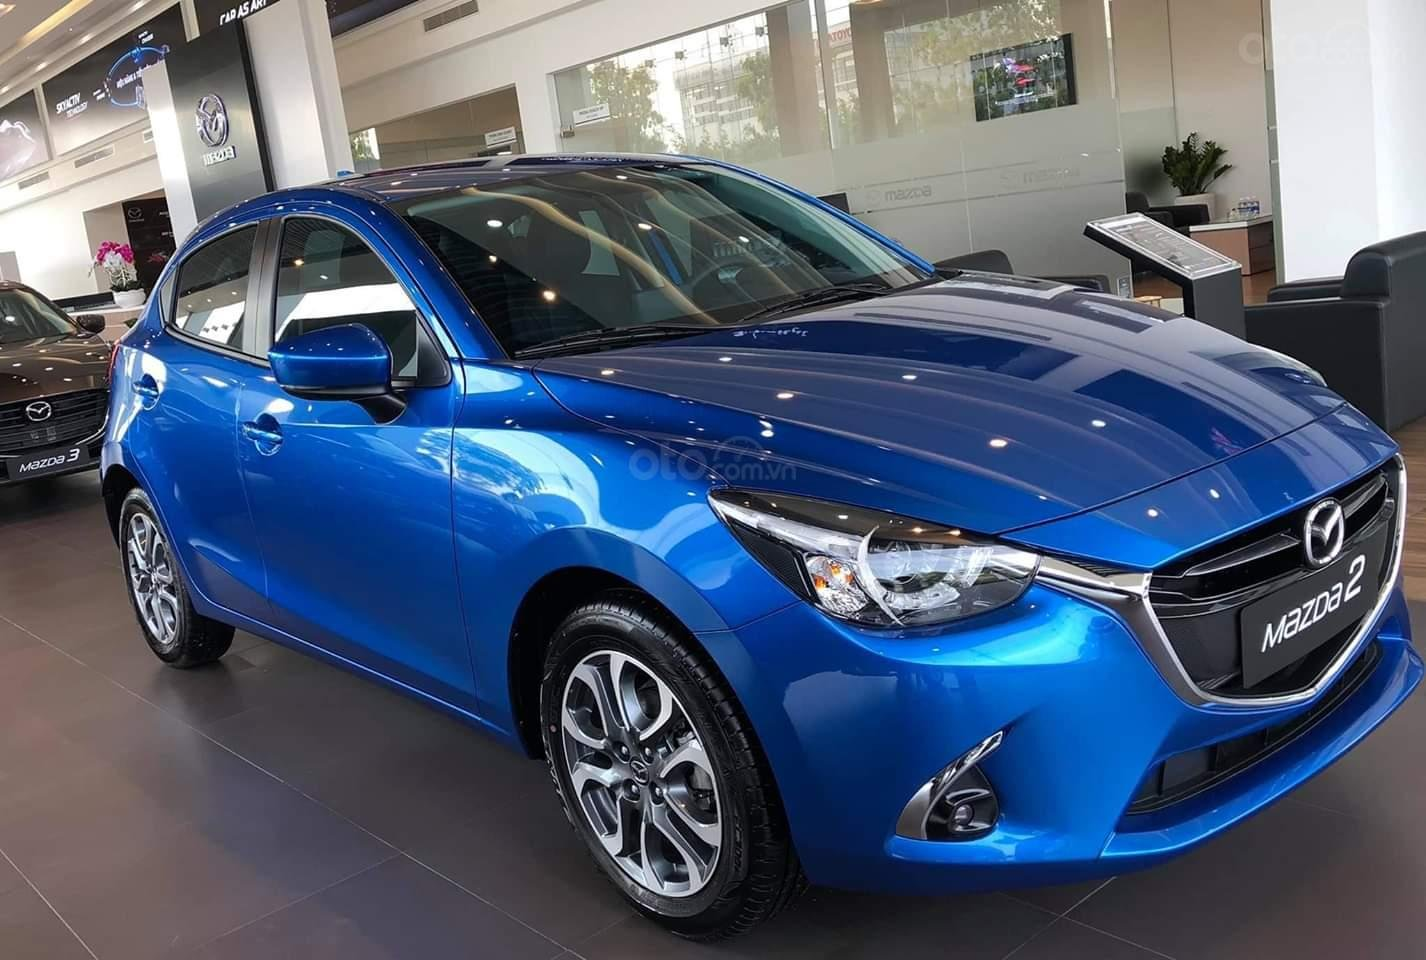 (Mazda Trần Khát Chân) Mua Mazda 2 chỉ với 106tr, ưu đãi lên đến 50tr, giá hấp dẫn, liên hệ ngay: 0986786226 Mr Thắng (2)